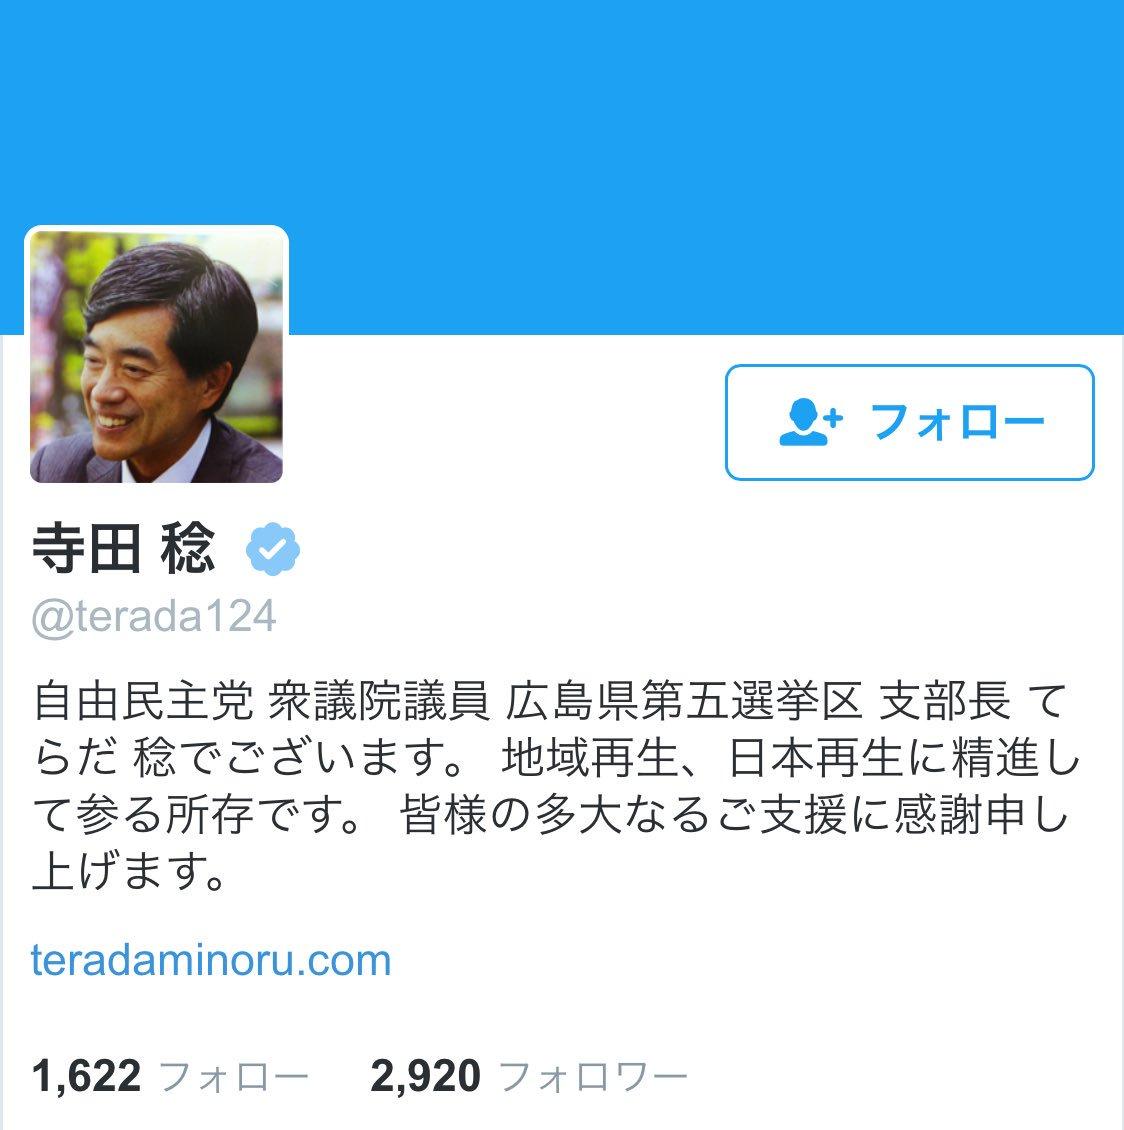 池田行彦 hashtag on Twitter